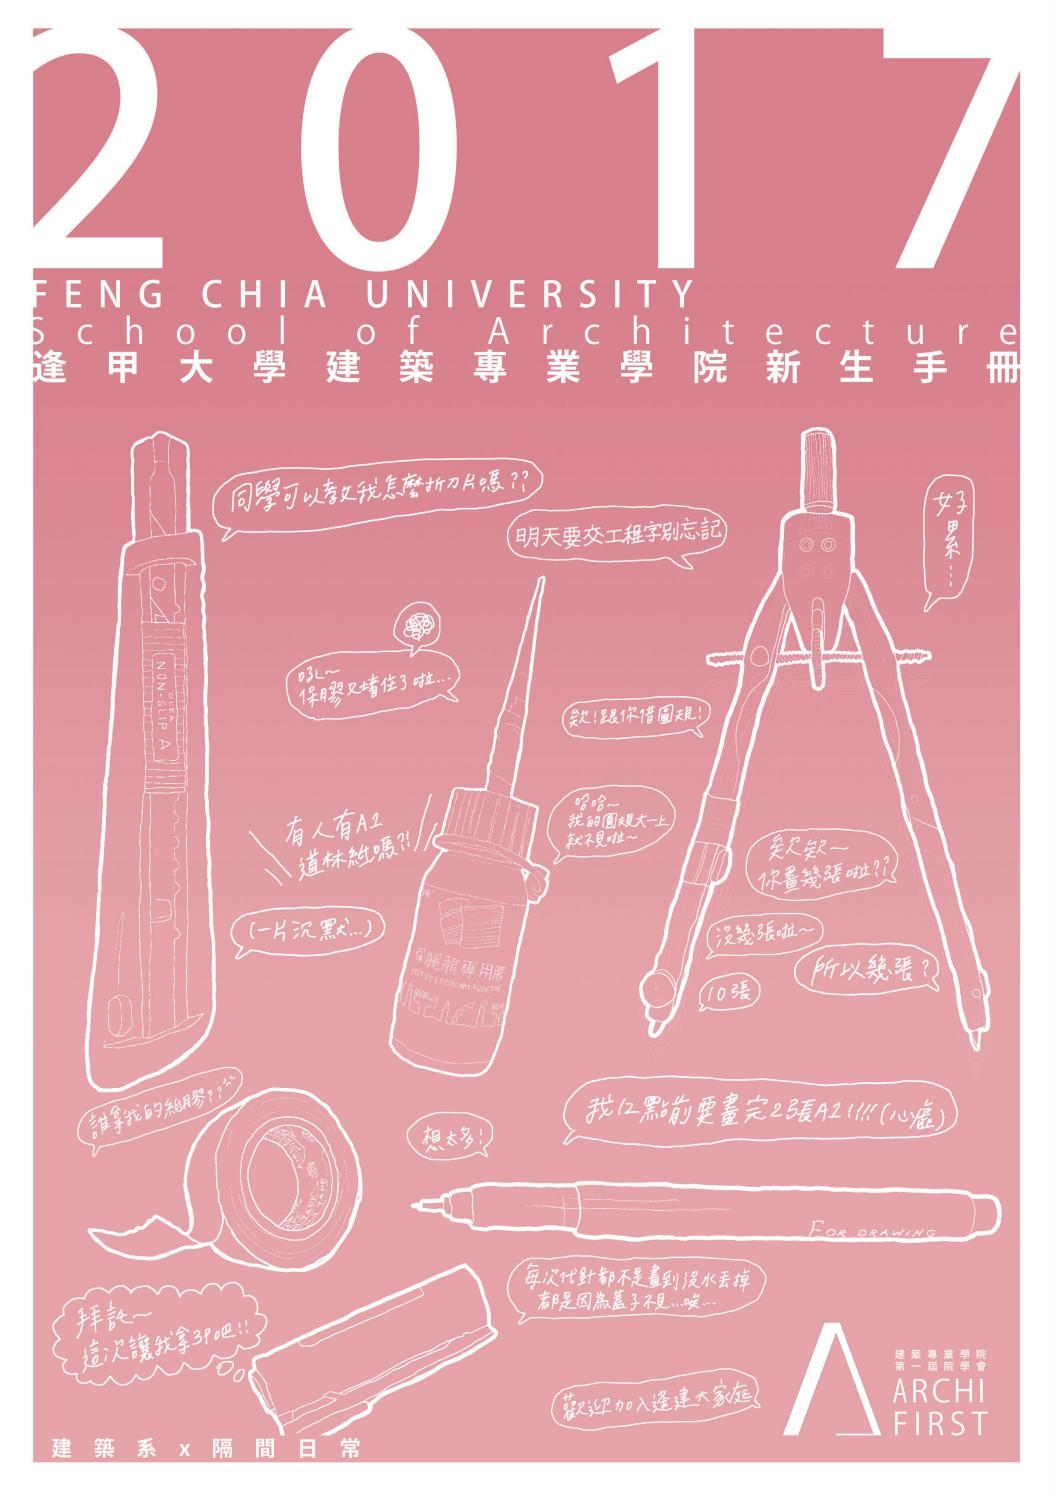 2017逢甲大學建築專業學院新生手冊, FCU ARCH_Freshman brochure by Carson Lin - Issuu